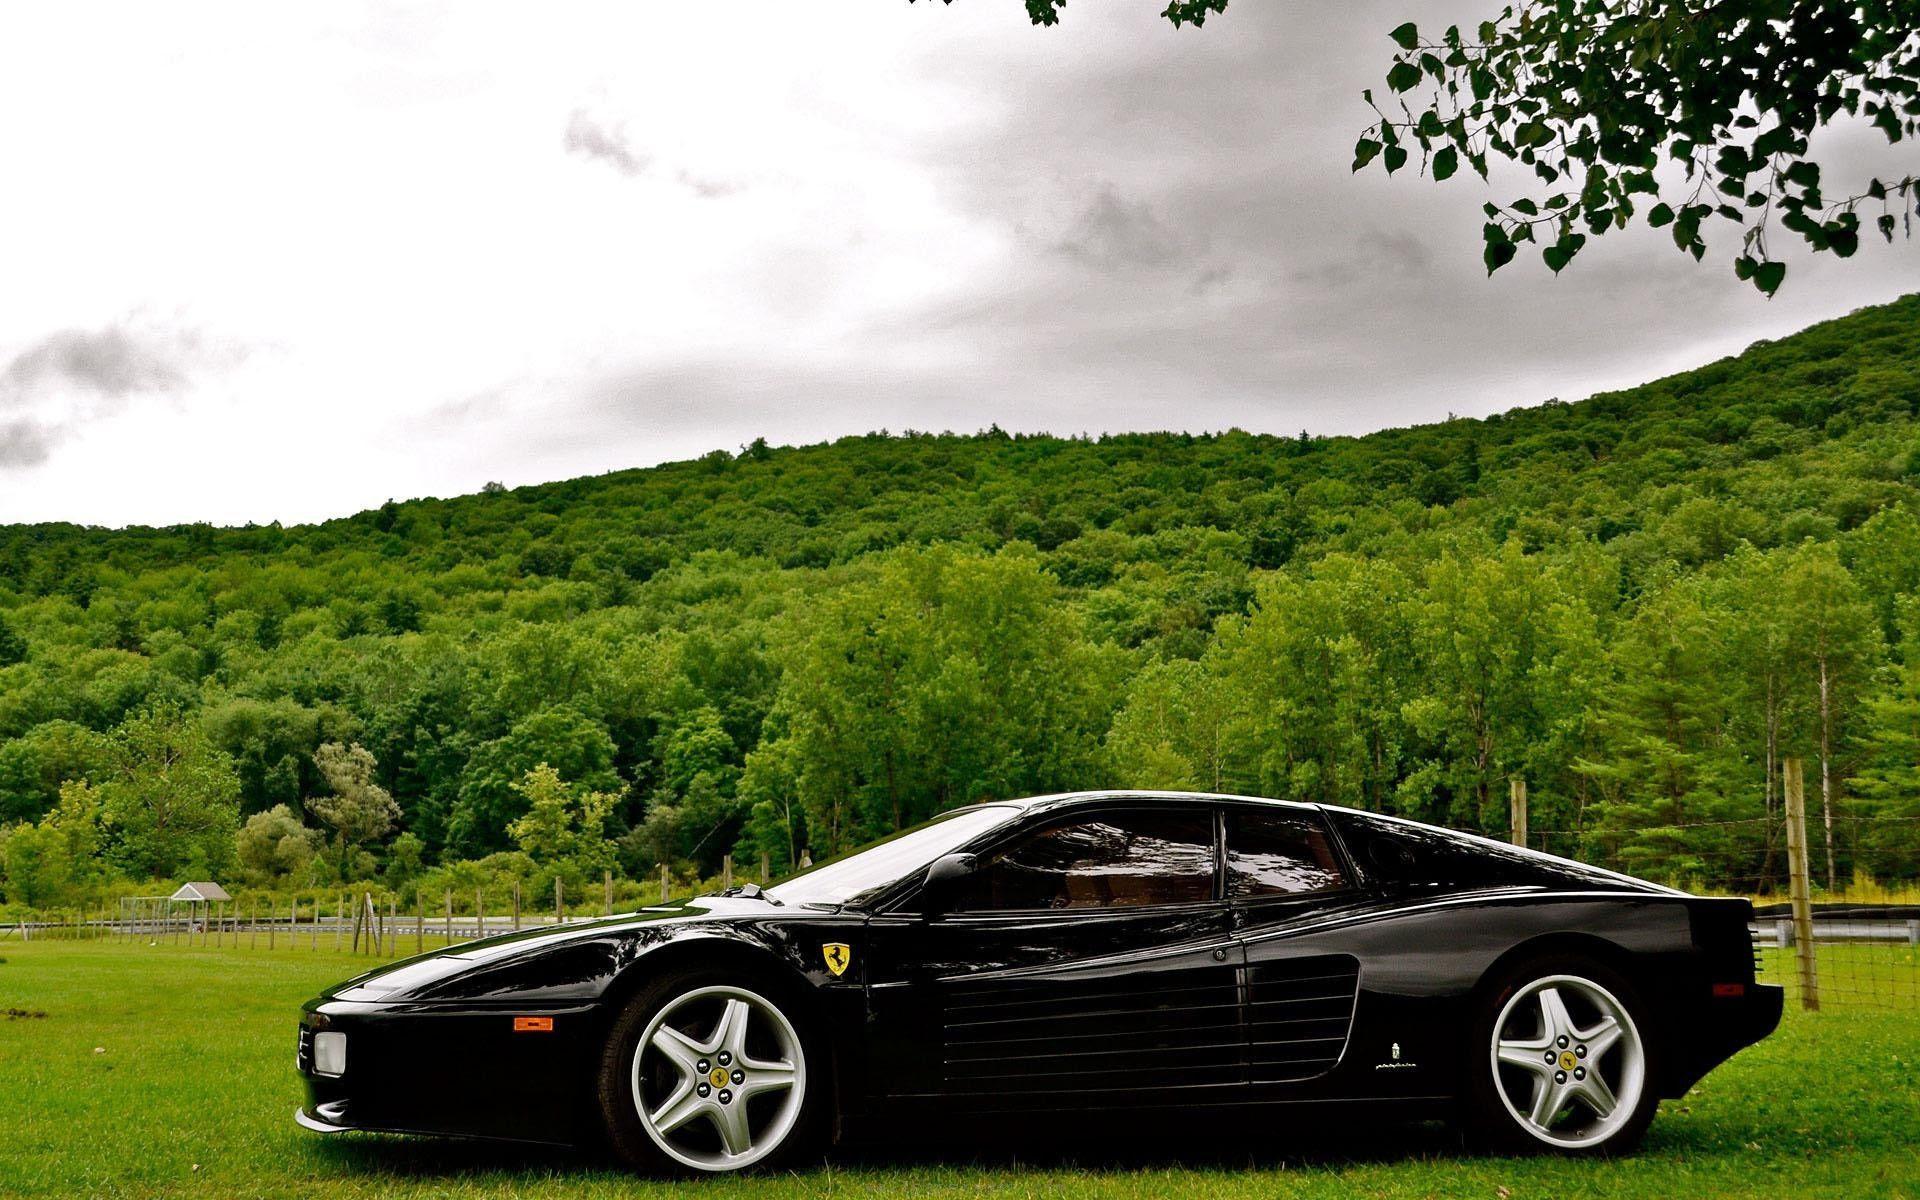 Green And Black Ferrari Wallpaper 10 Background Wallpaper  Hdblackwallpaper.com